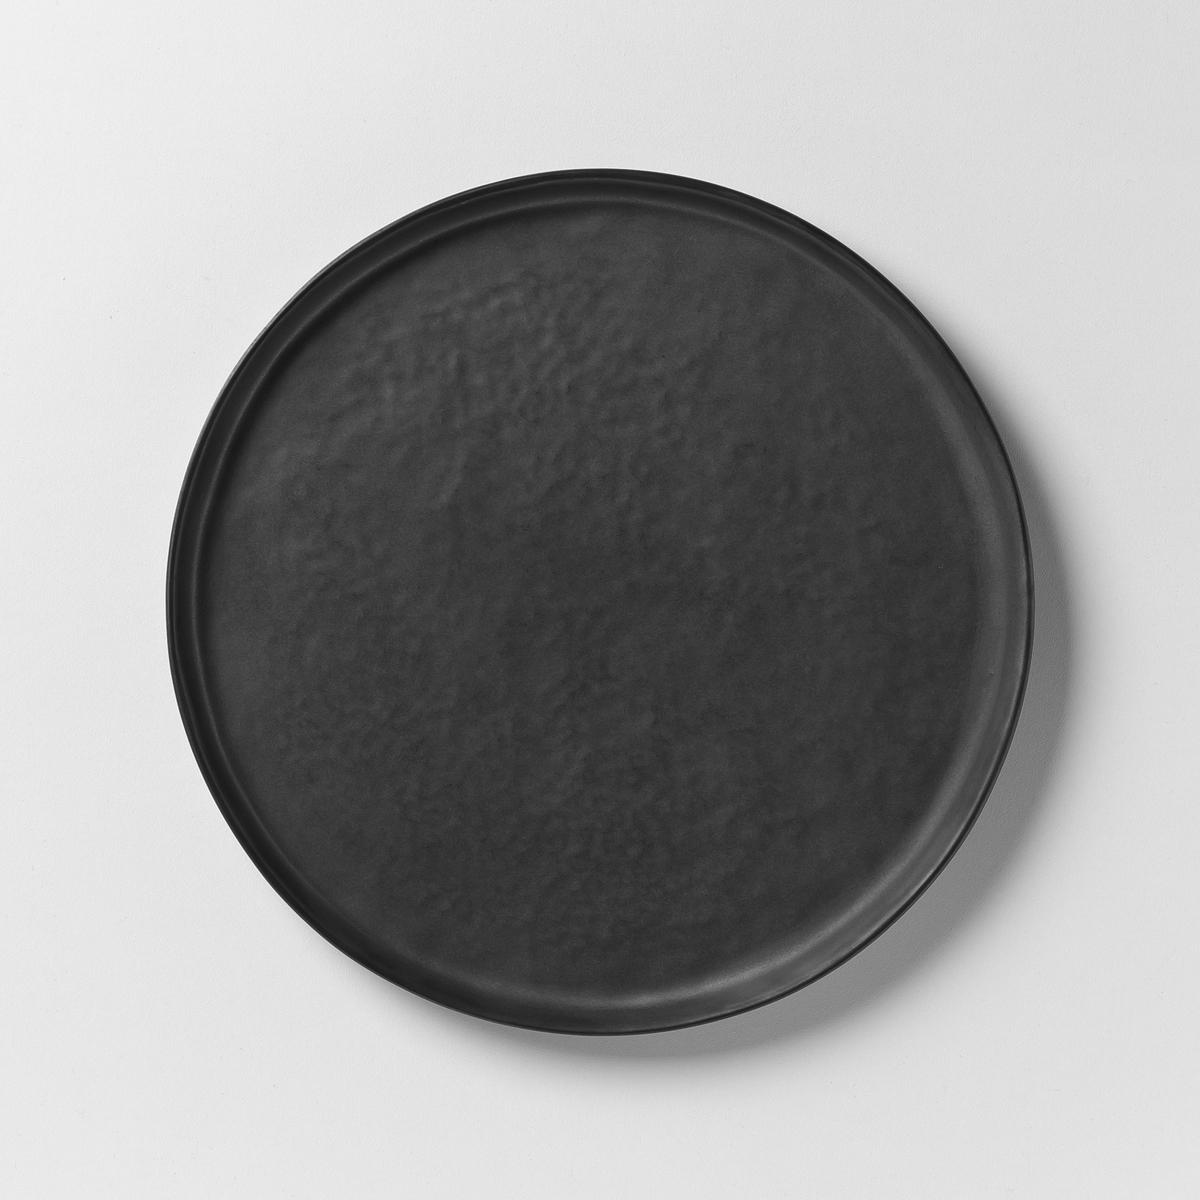 Тарелка десертная из керамики Pure P.Naessens для Serax